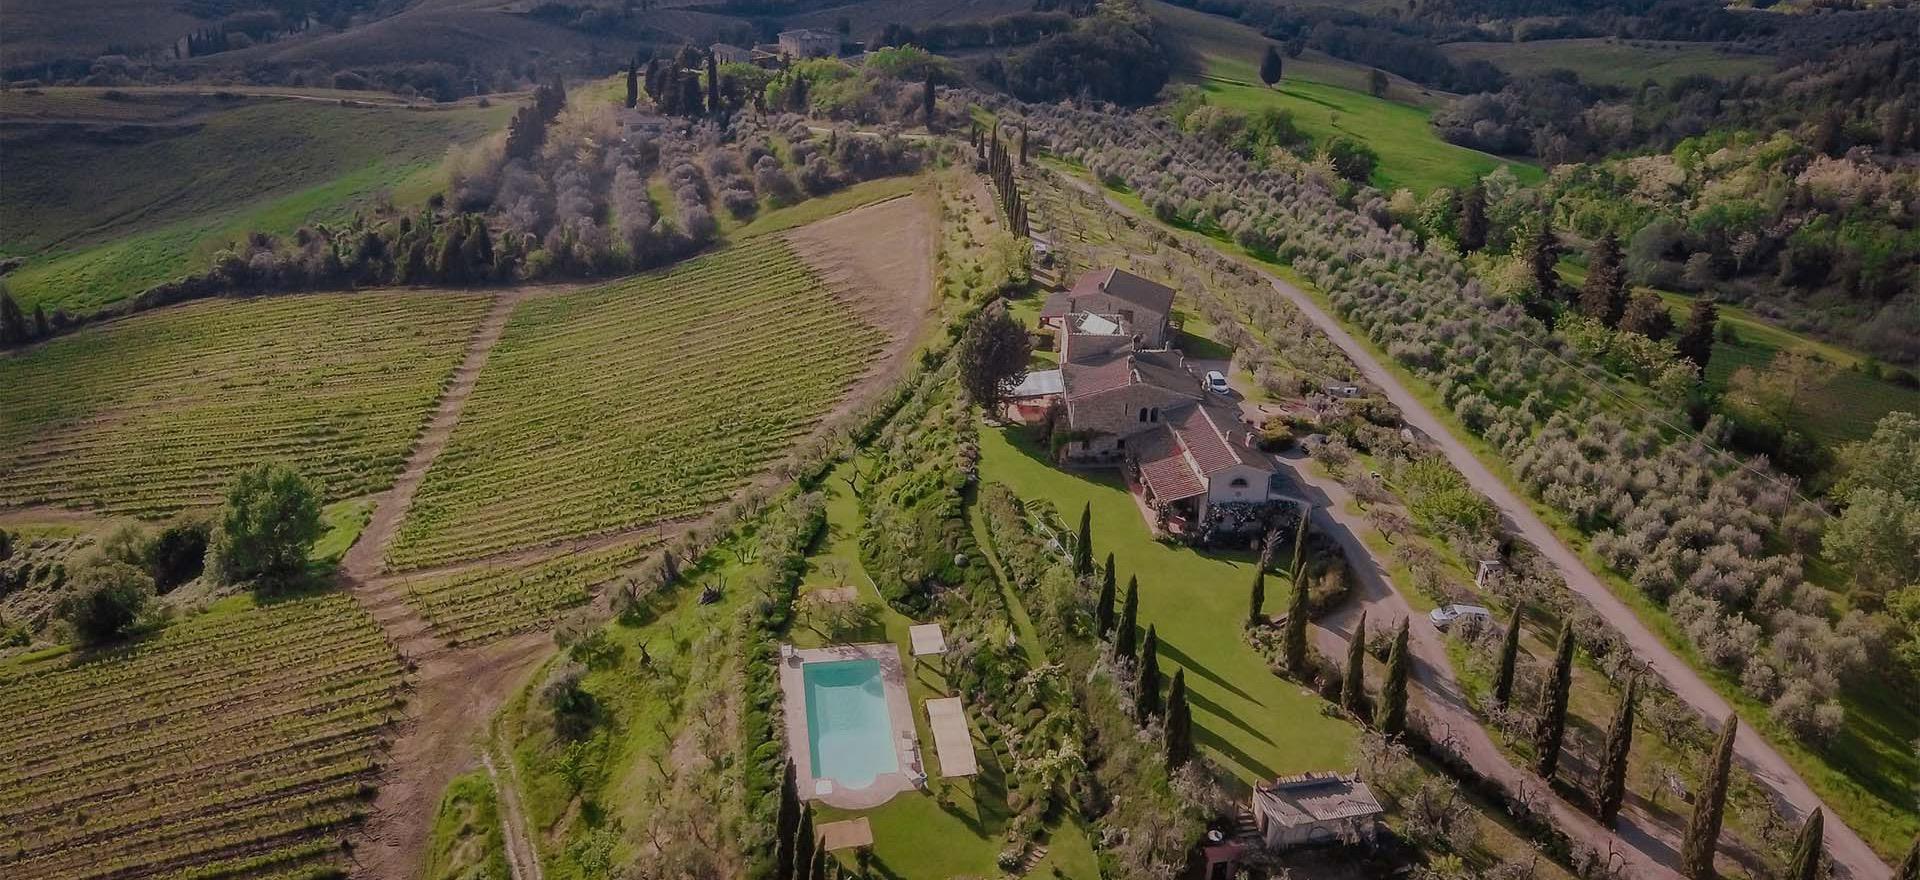 Agriturismo in olijfgaard met super uitzicht in Toscane